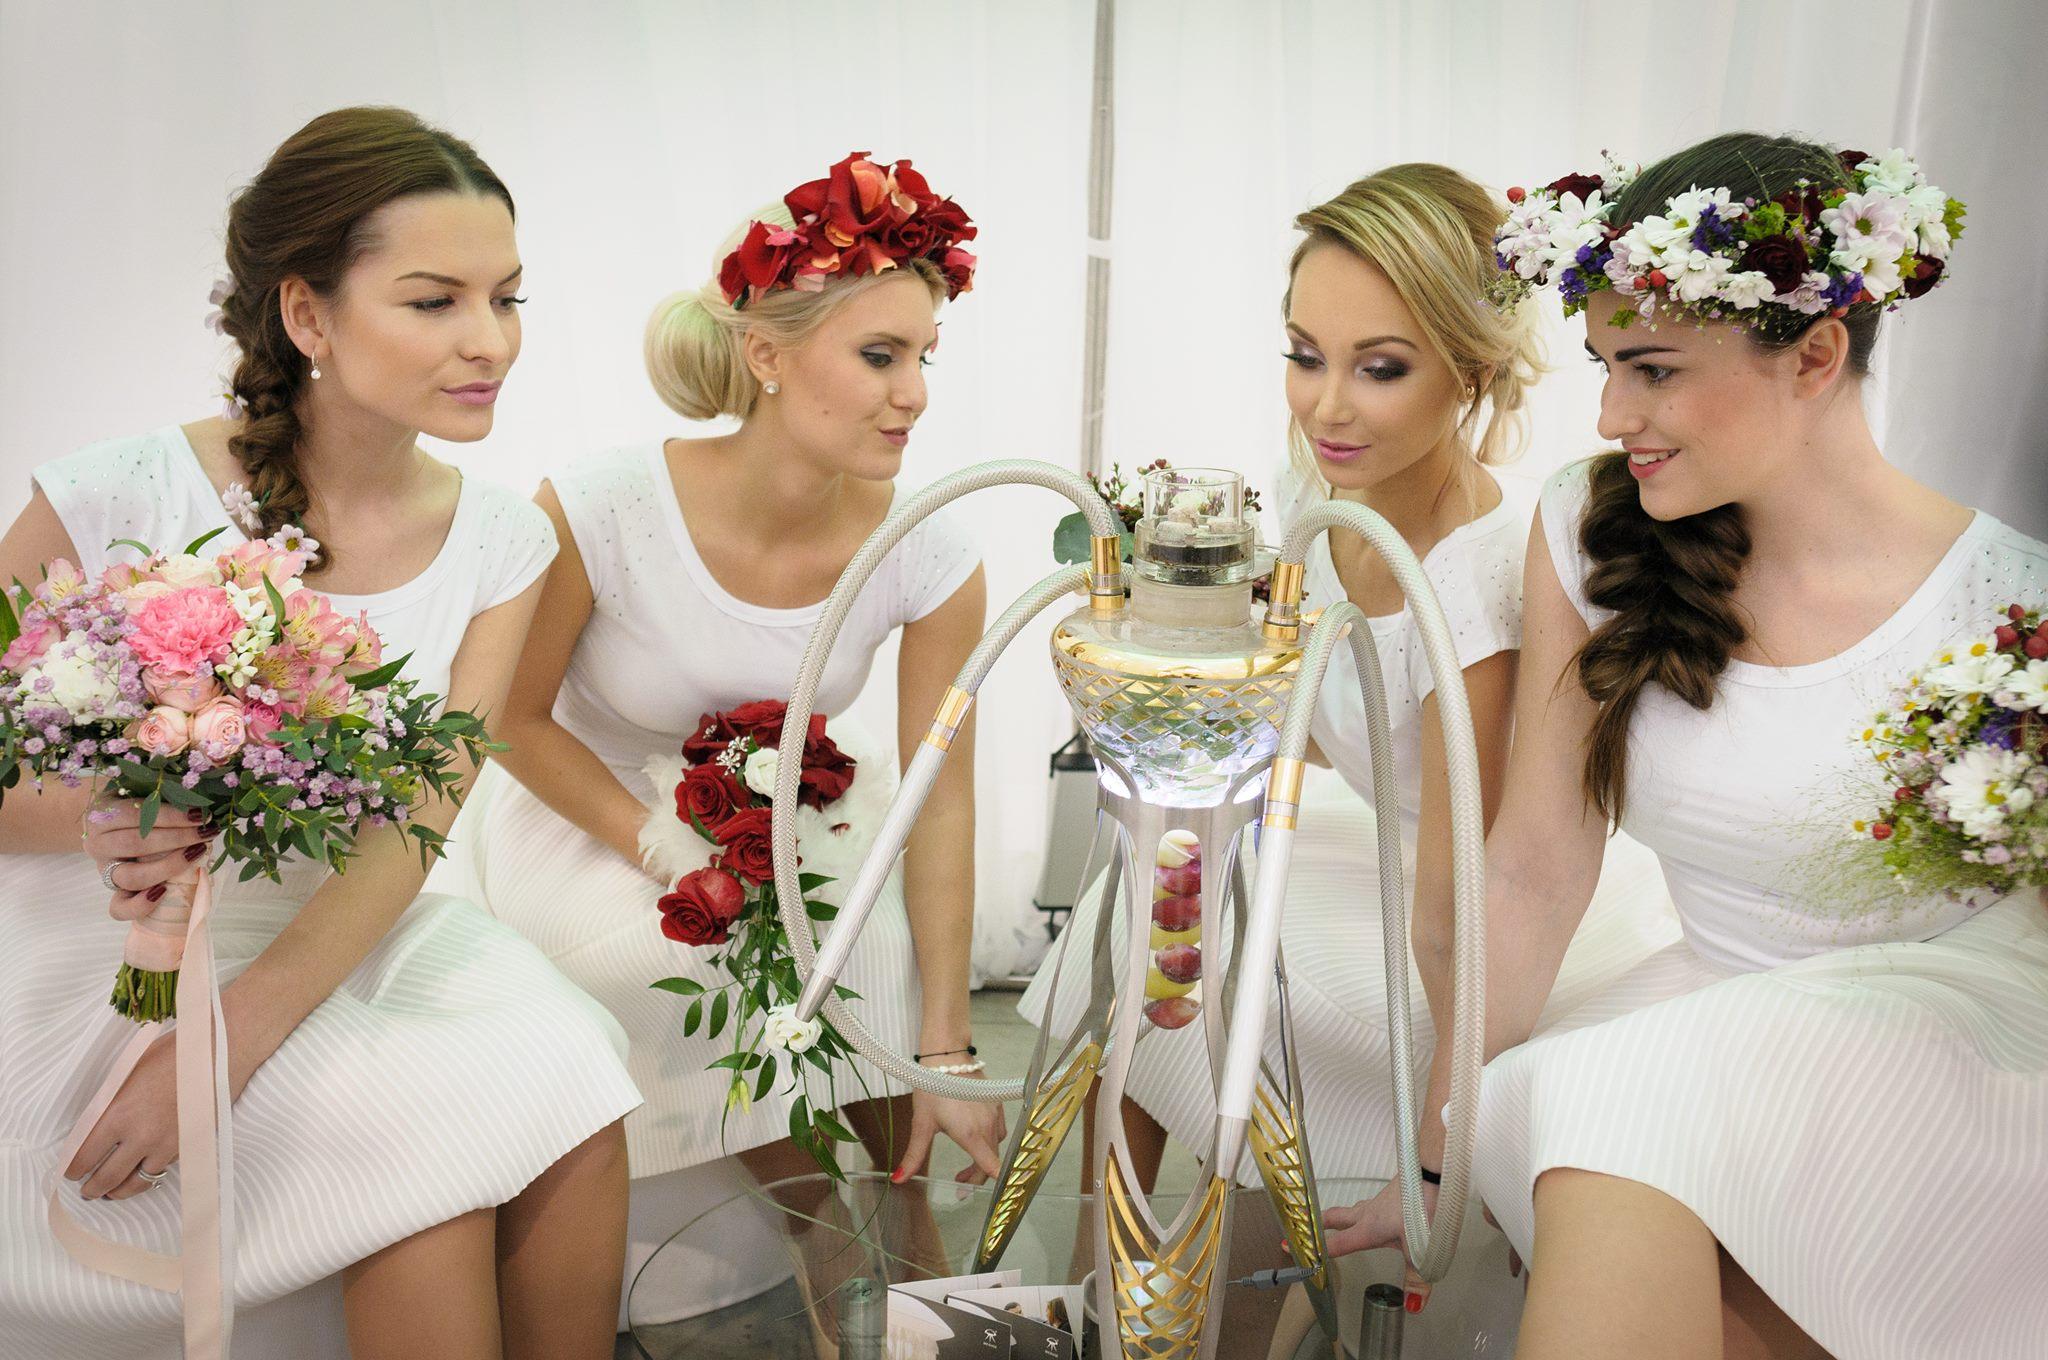 meduse events Poland - panny młode - zdjęcie 1